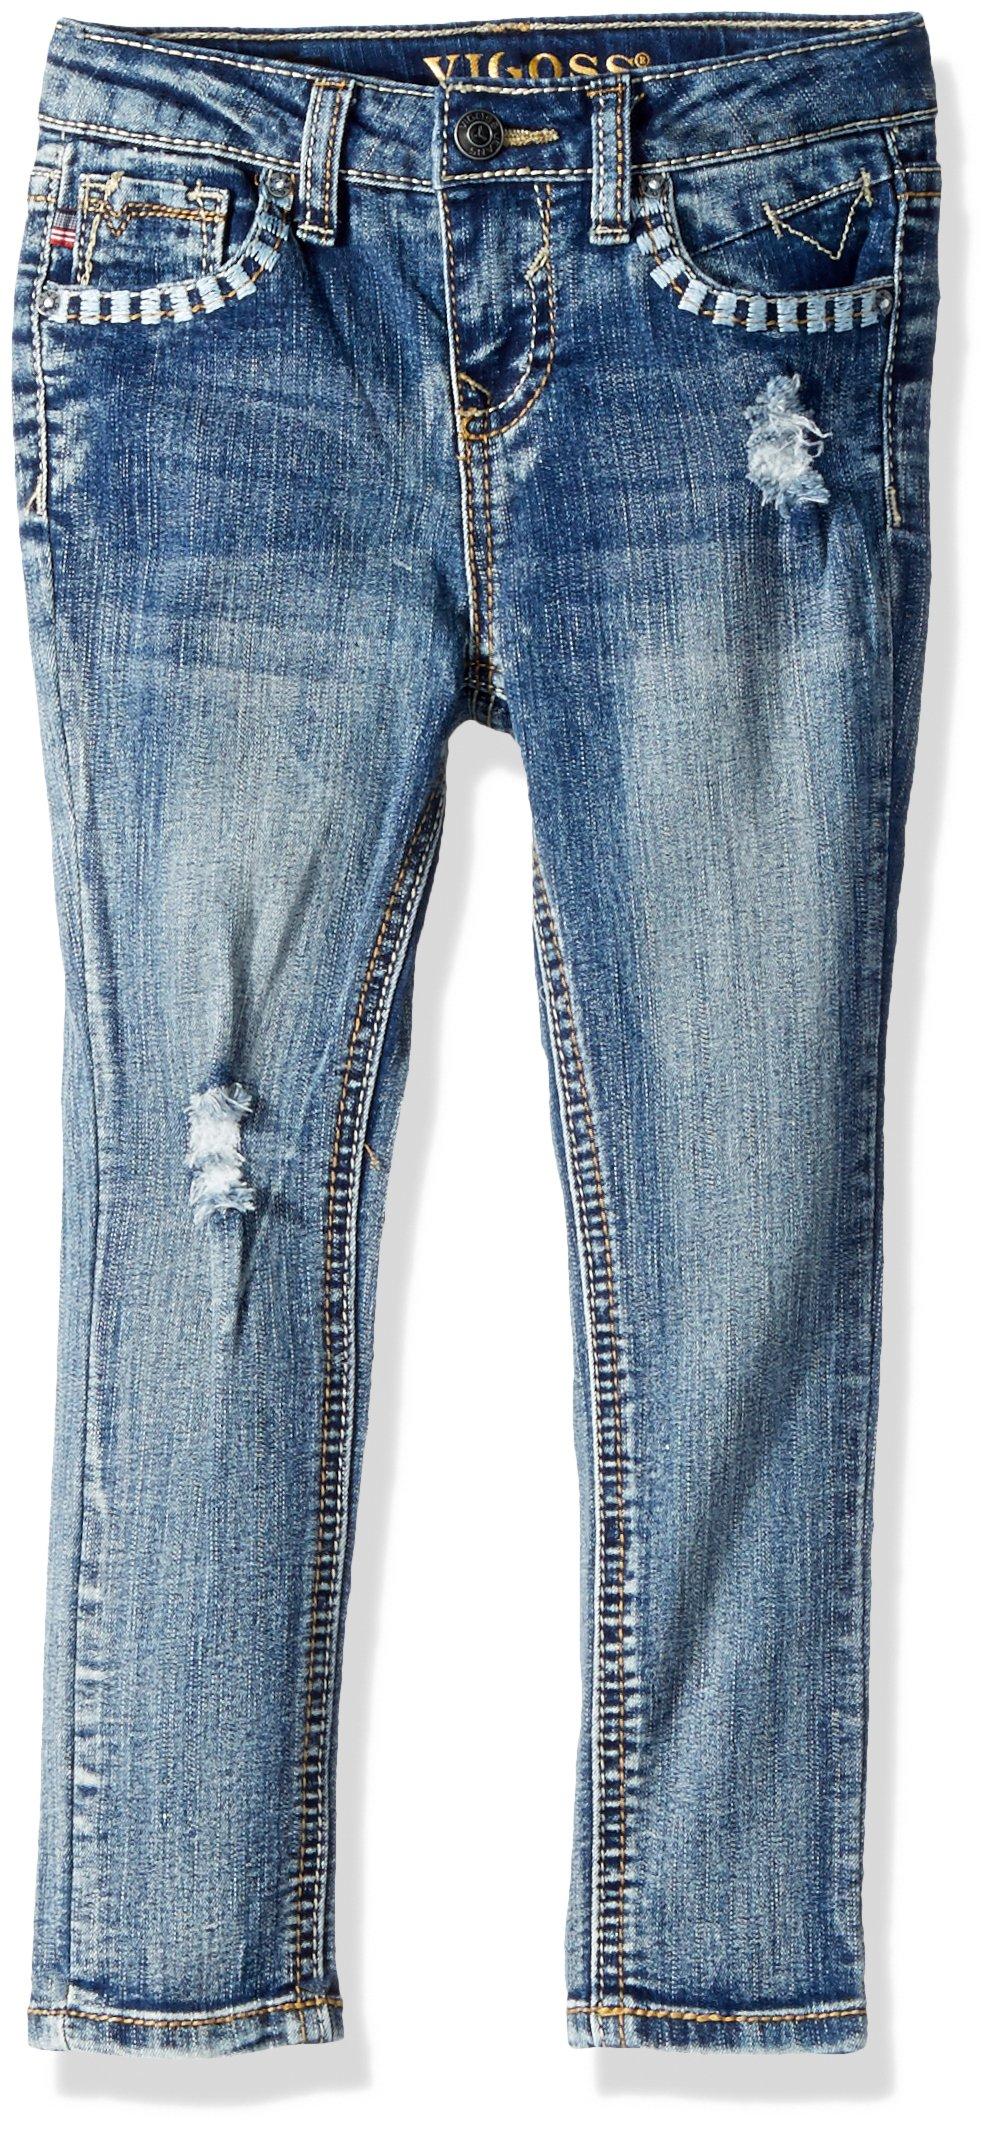 VIGOSS Girls' Toddler Back Pocket Jean, Memphis, 2T